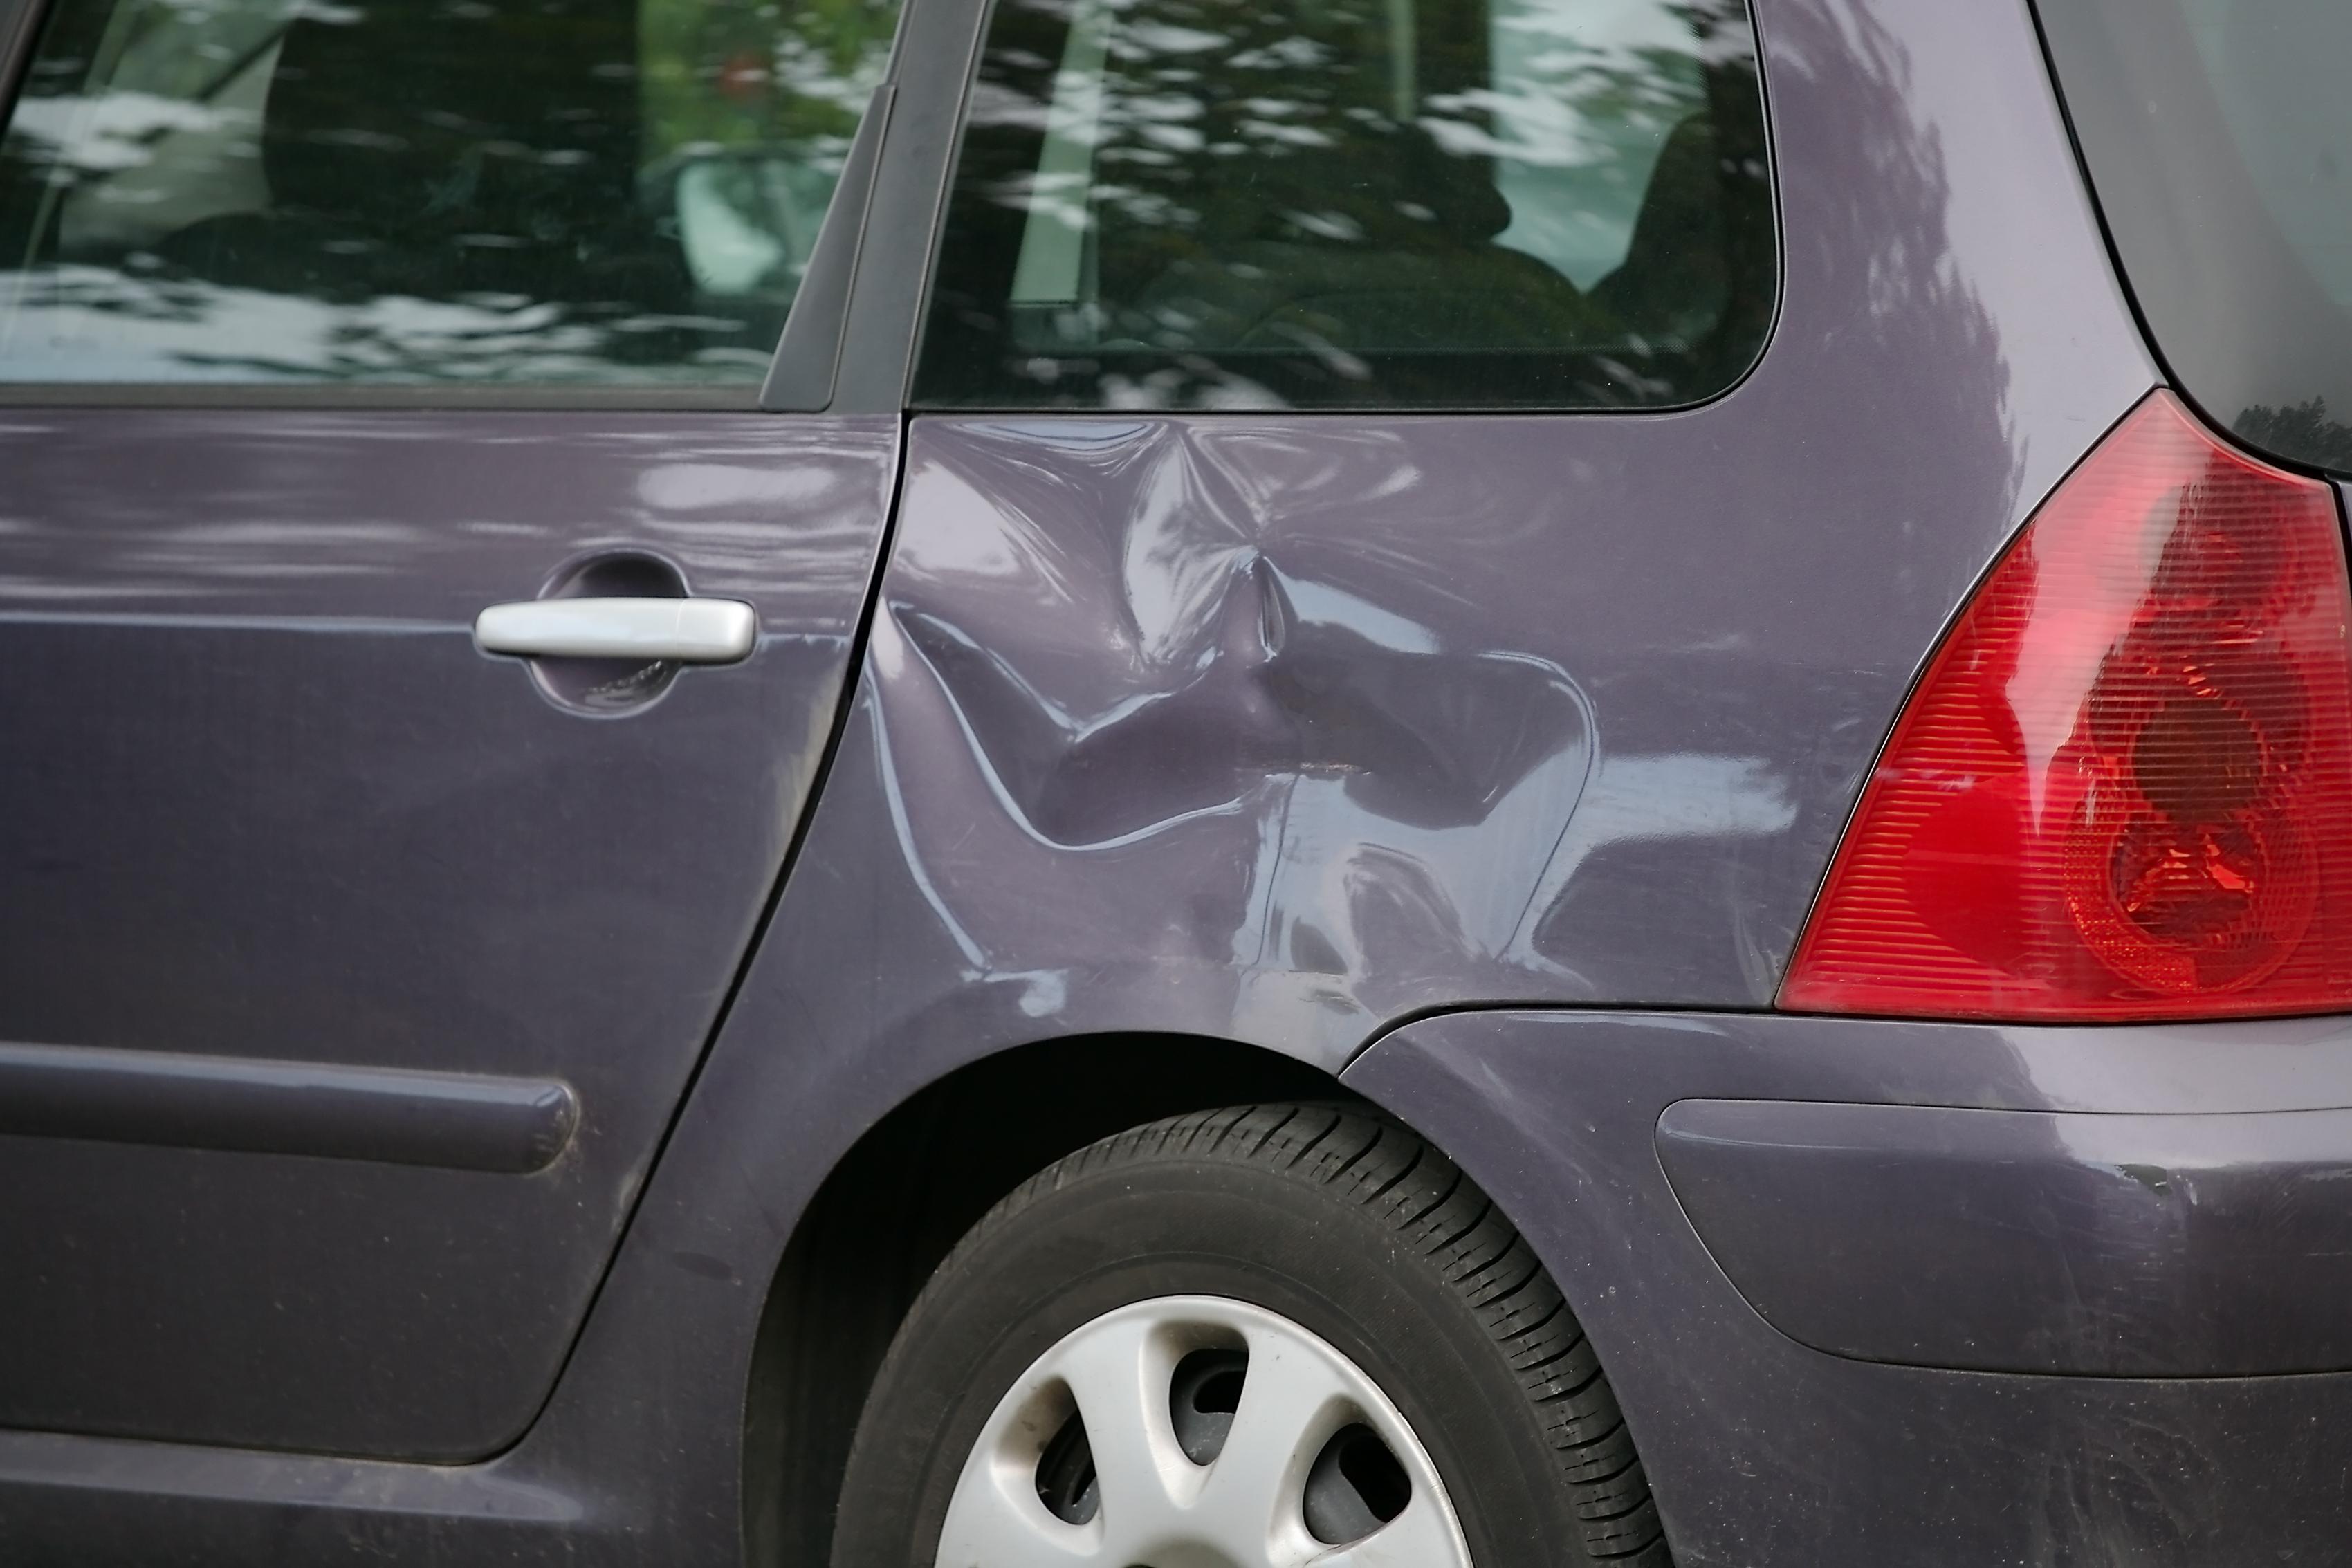 Выпрямляем вмятины на авто без покраски: советы 94